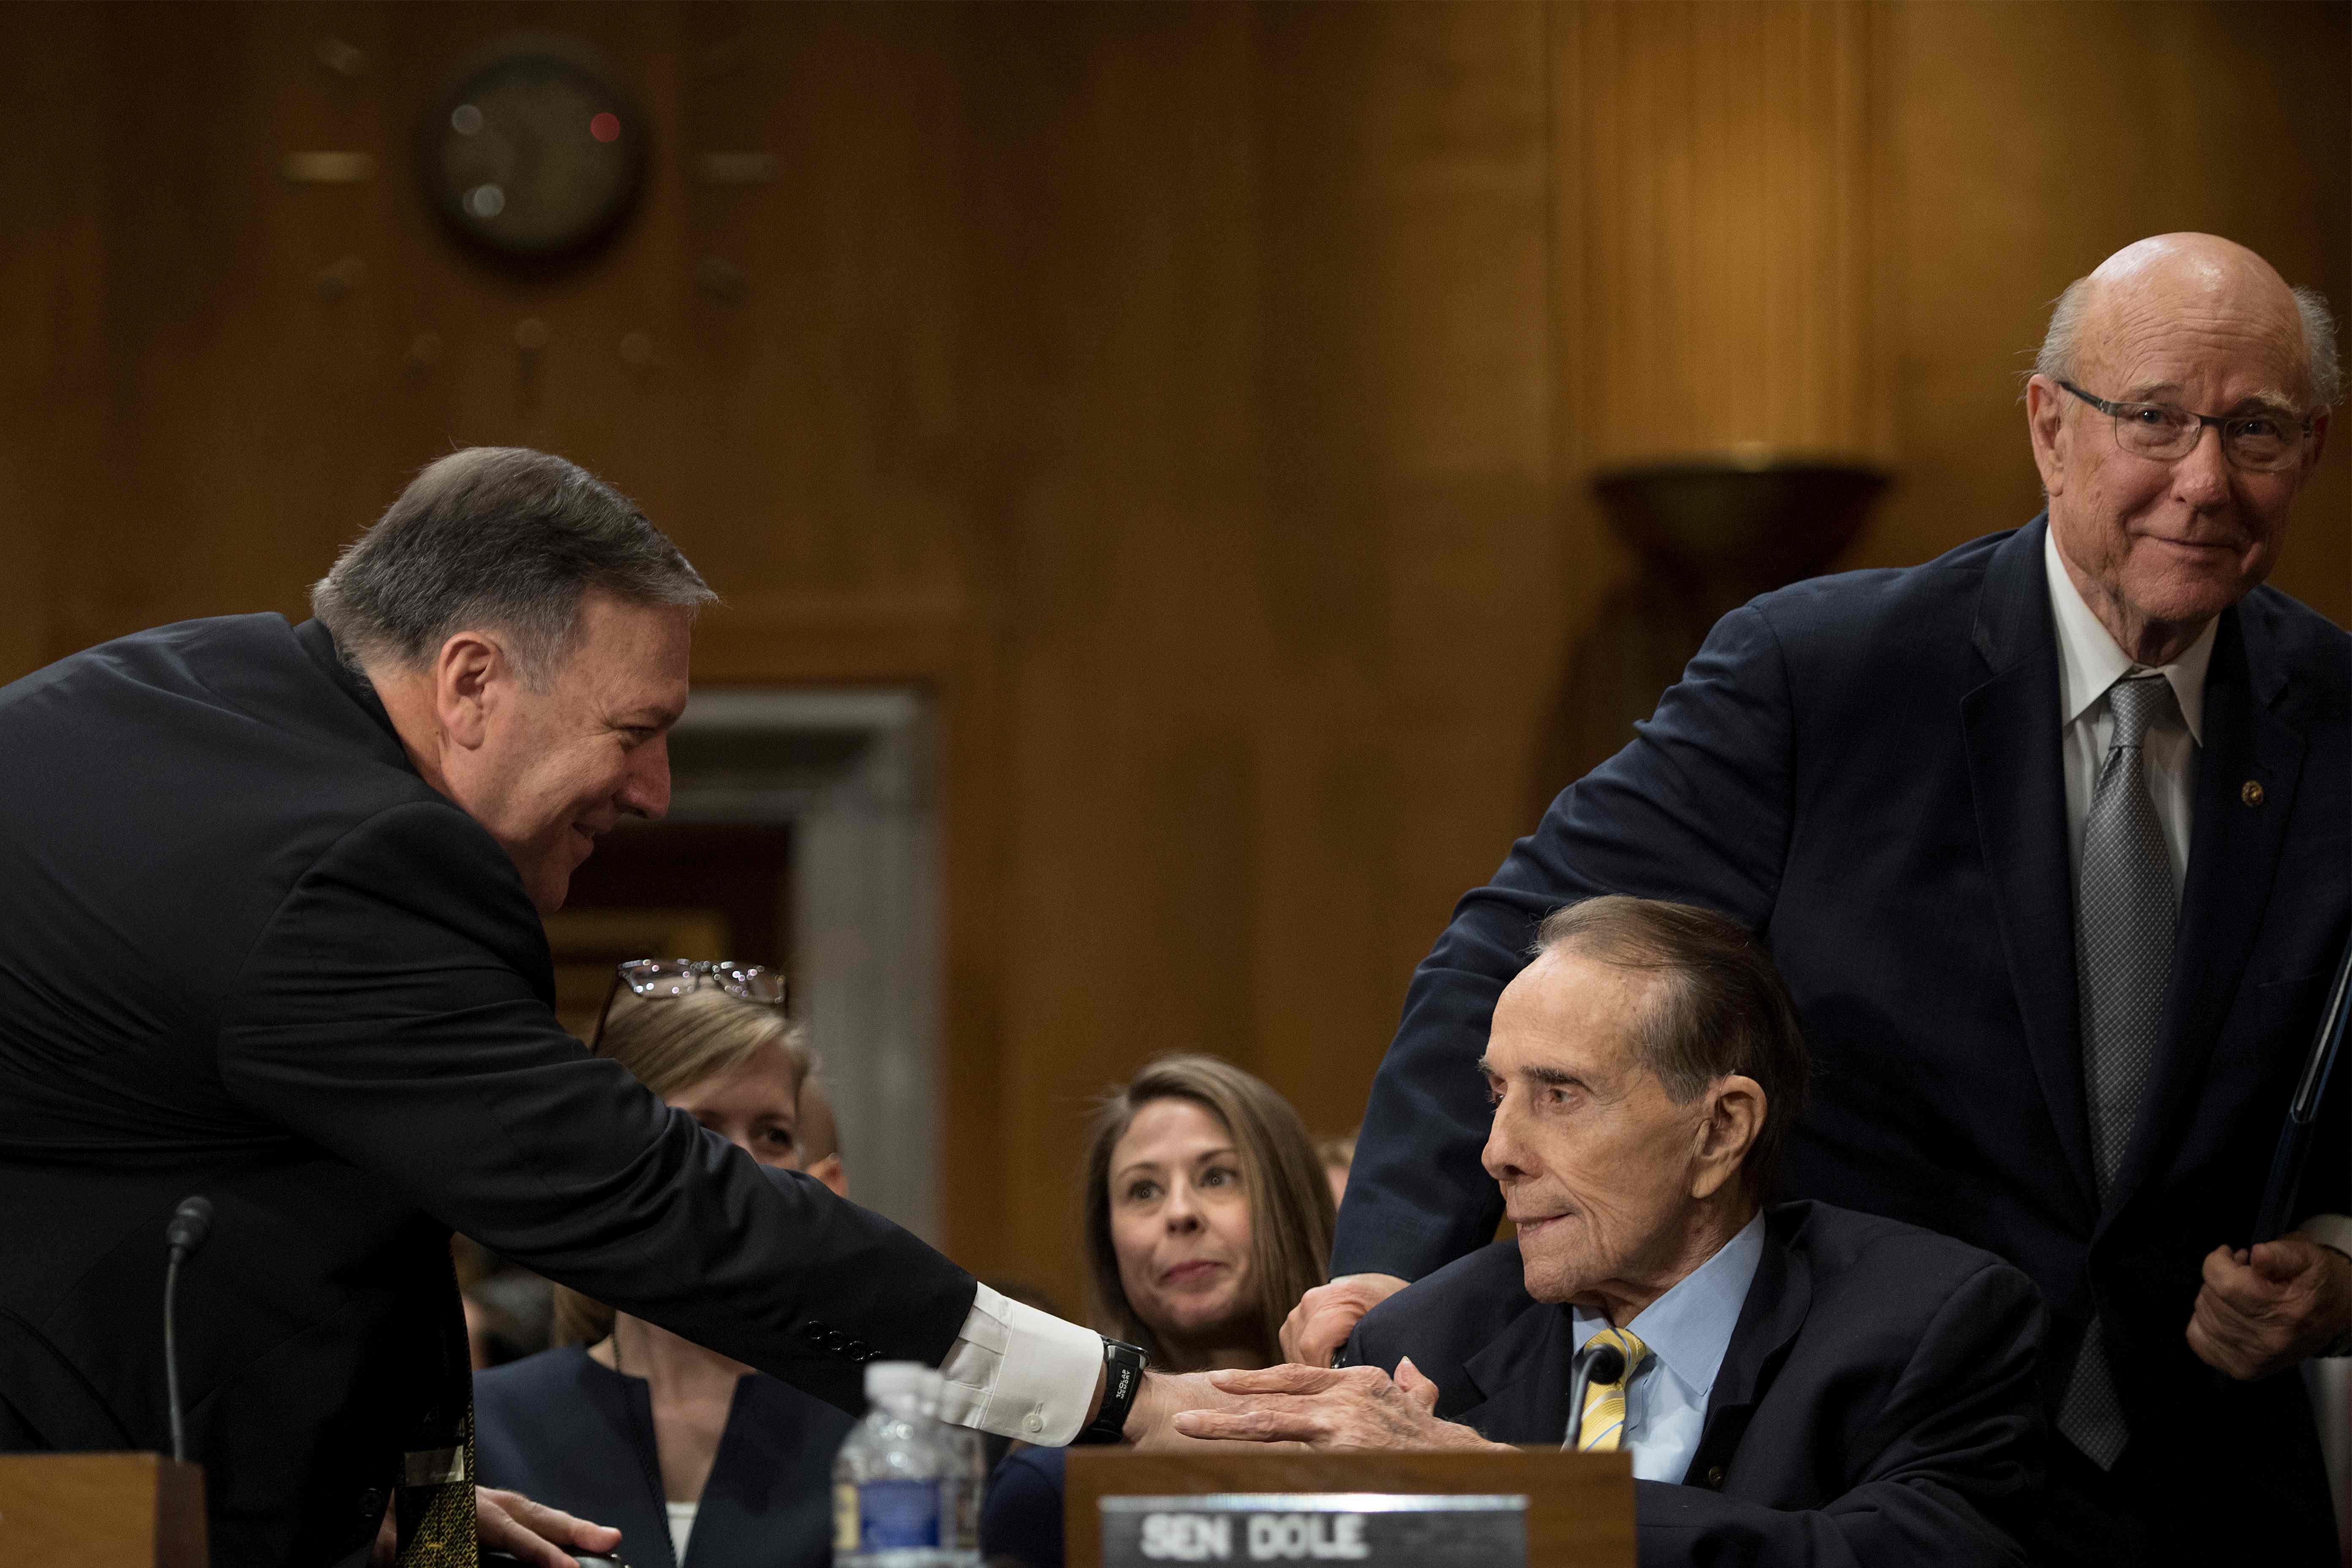 المرشح للخارجية الأمريكية فى مجلس الشيوخ